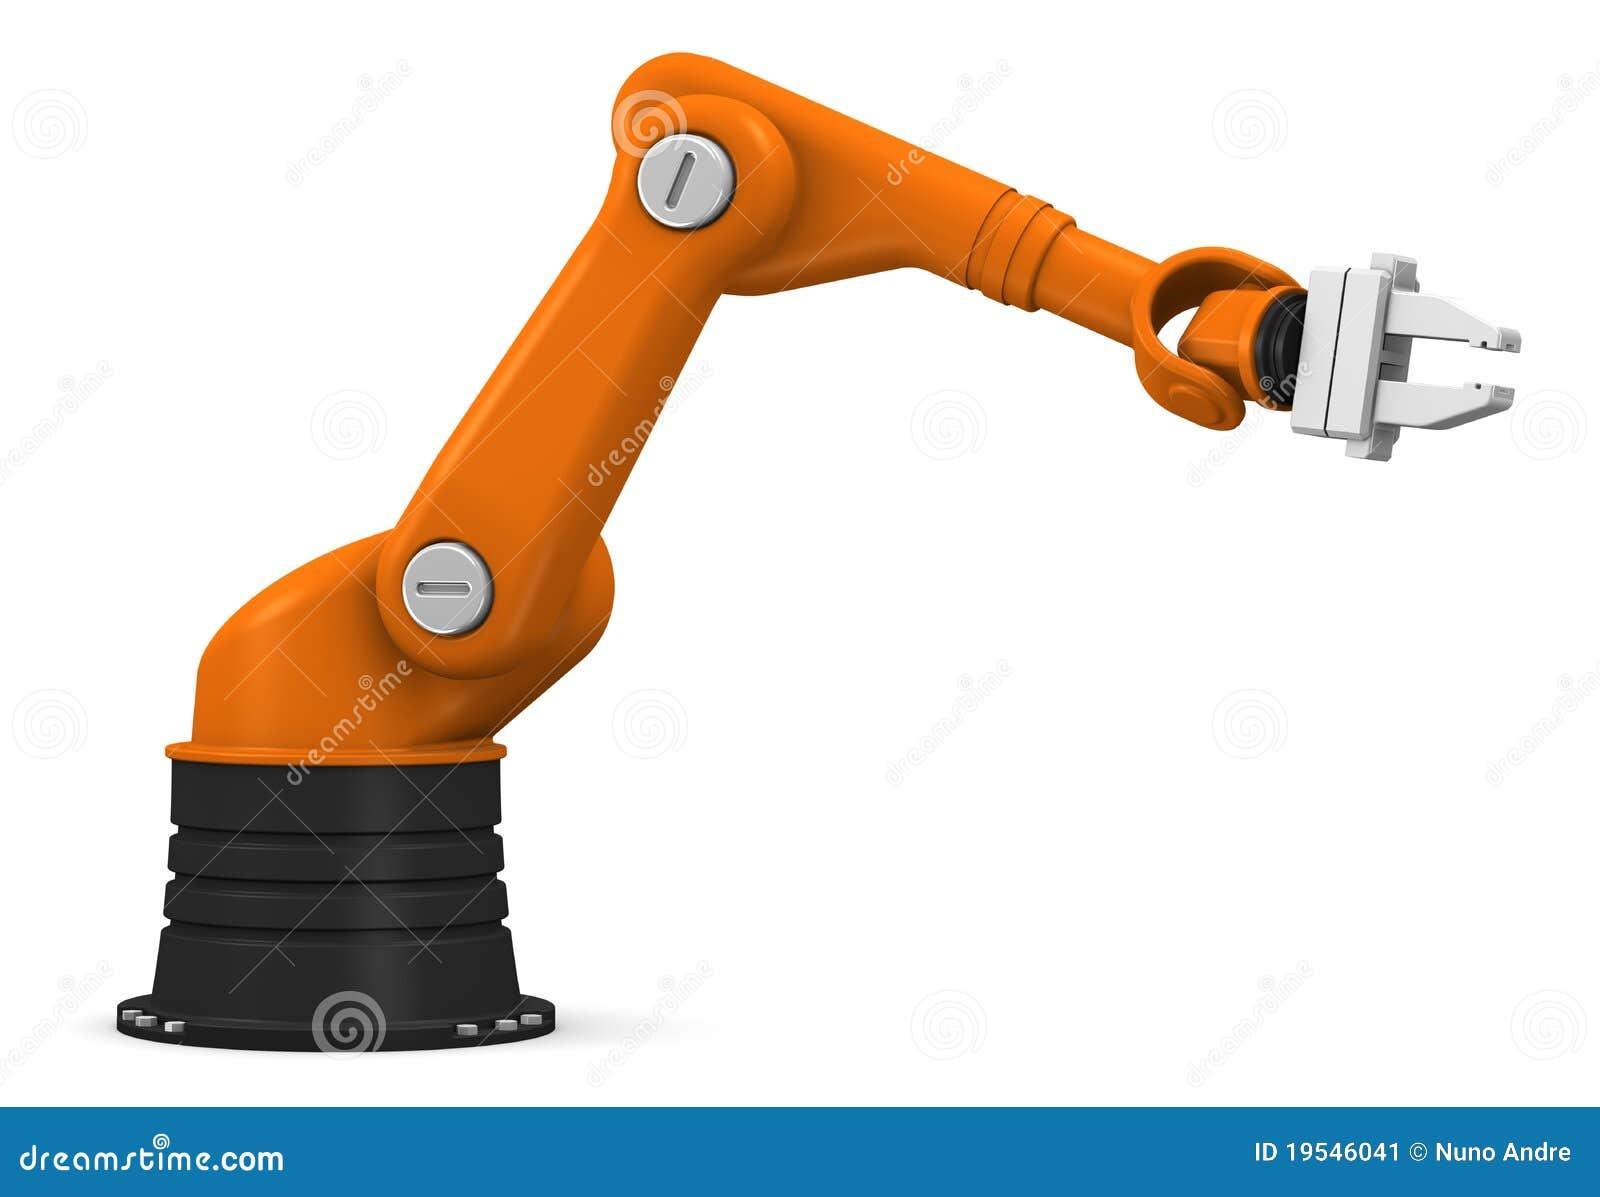 Souvent Bras Robotique Industriel Image stock - Image: 19546041 VX47